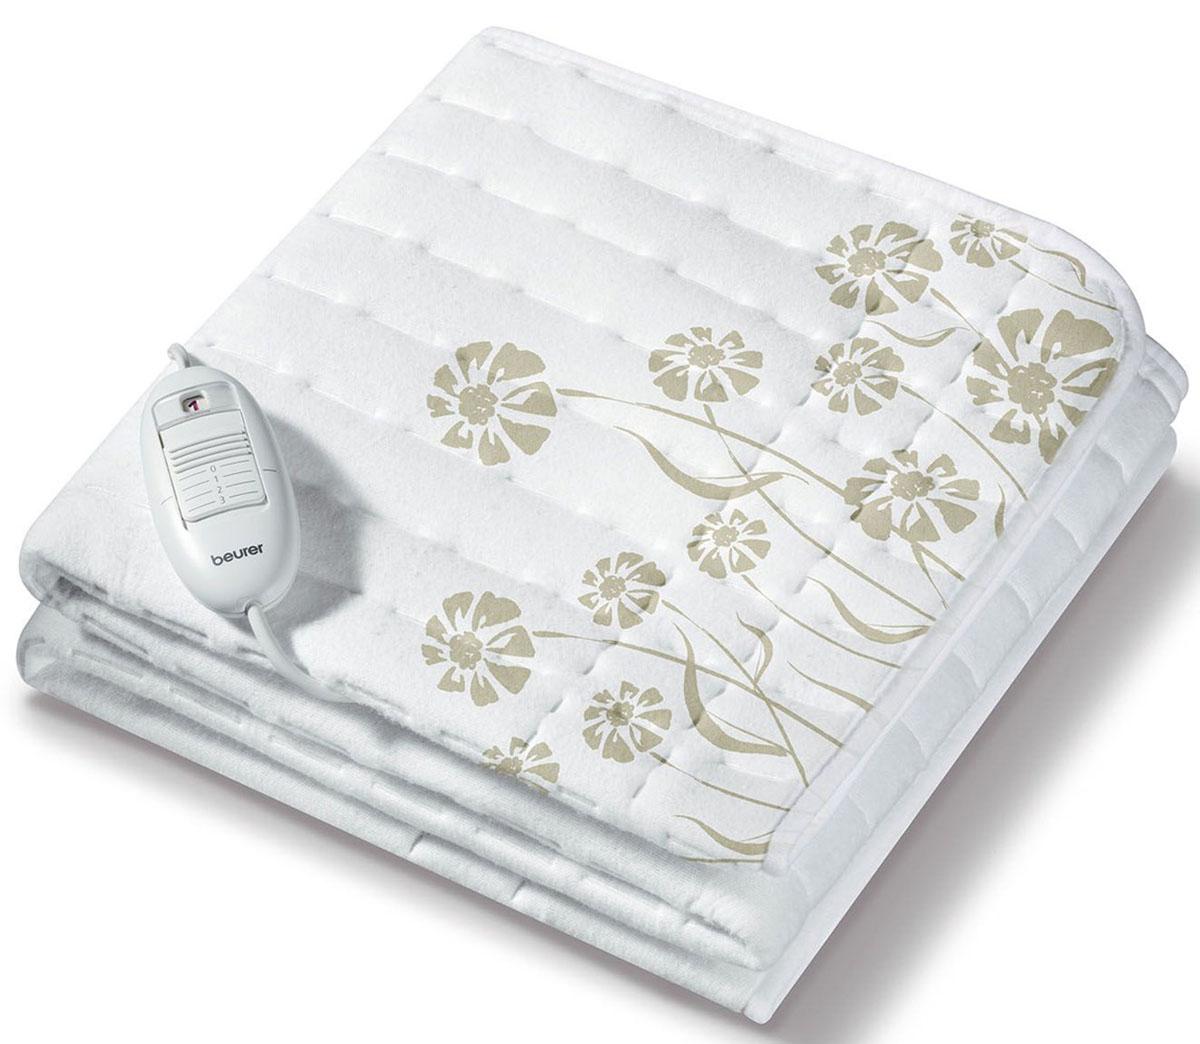 электропростыни и одеяла Электропростыня Beurer TS23